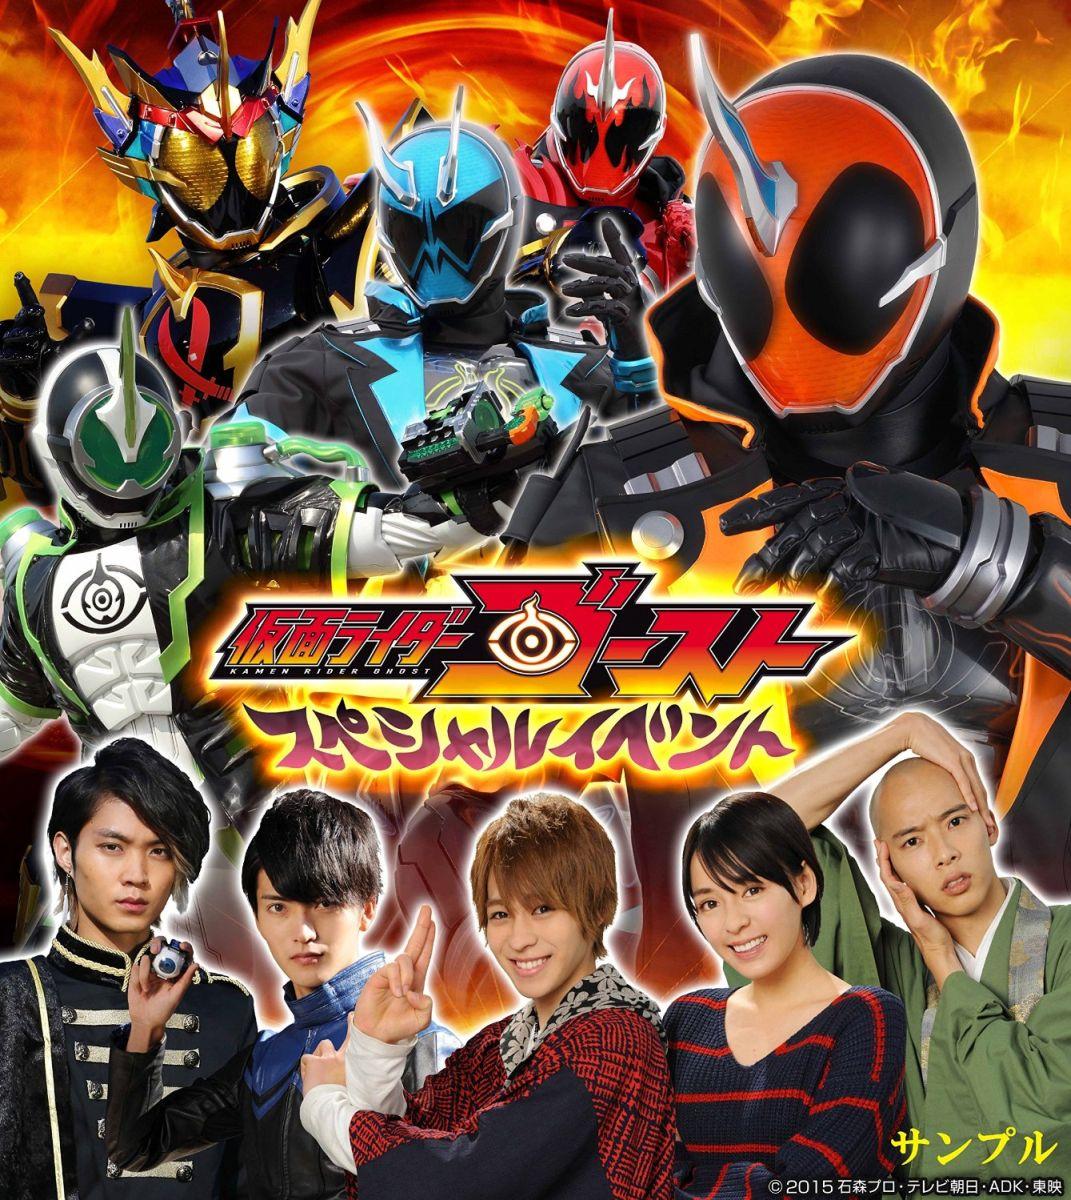 Kamen Rider ghost episode 1